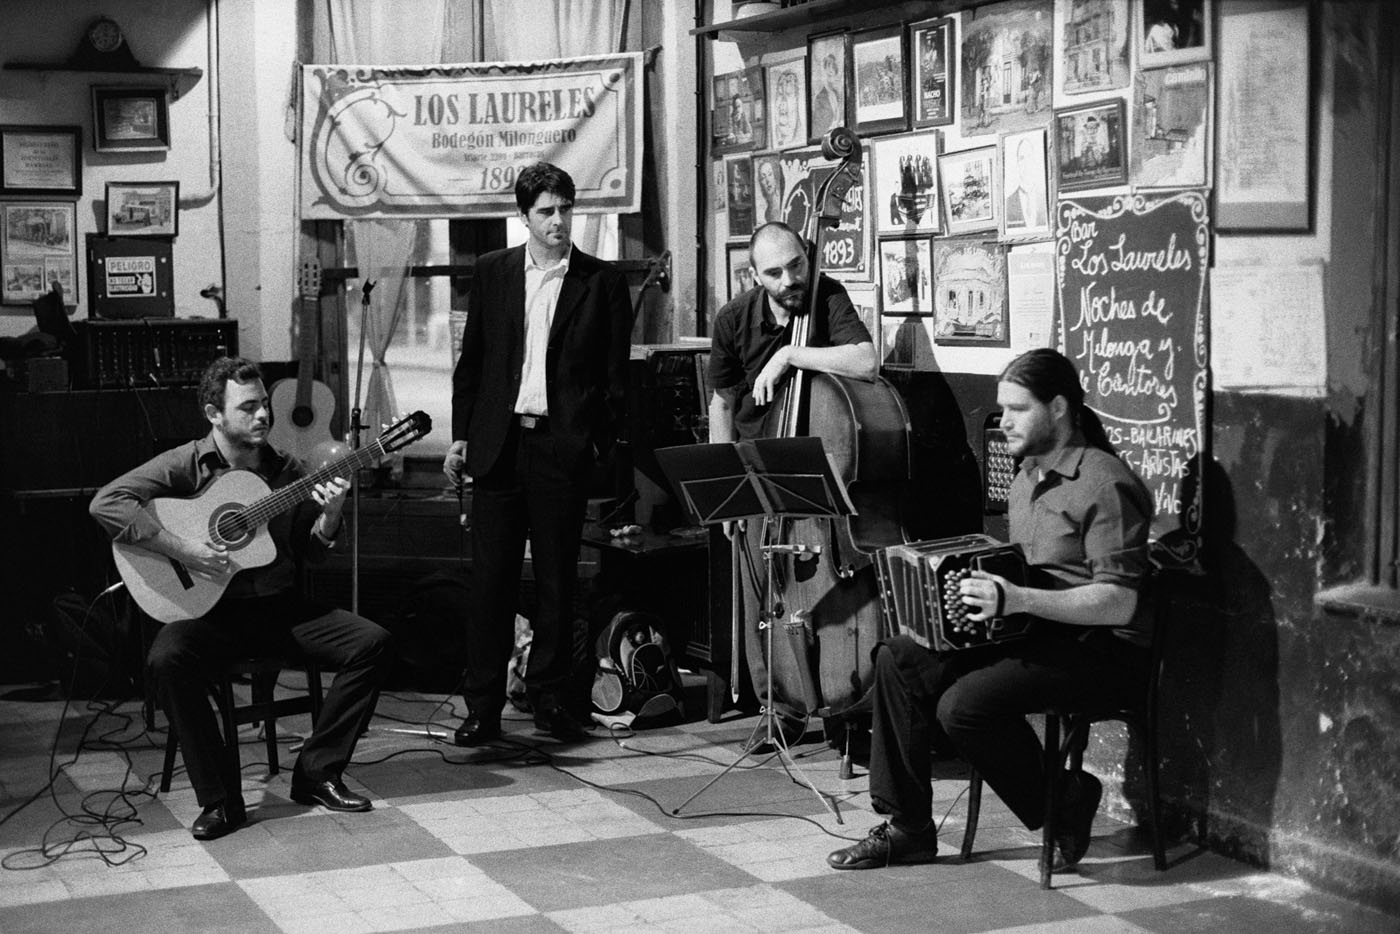 La Trampera  tango orchestra